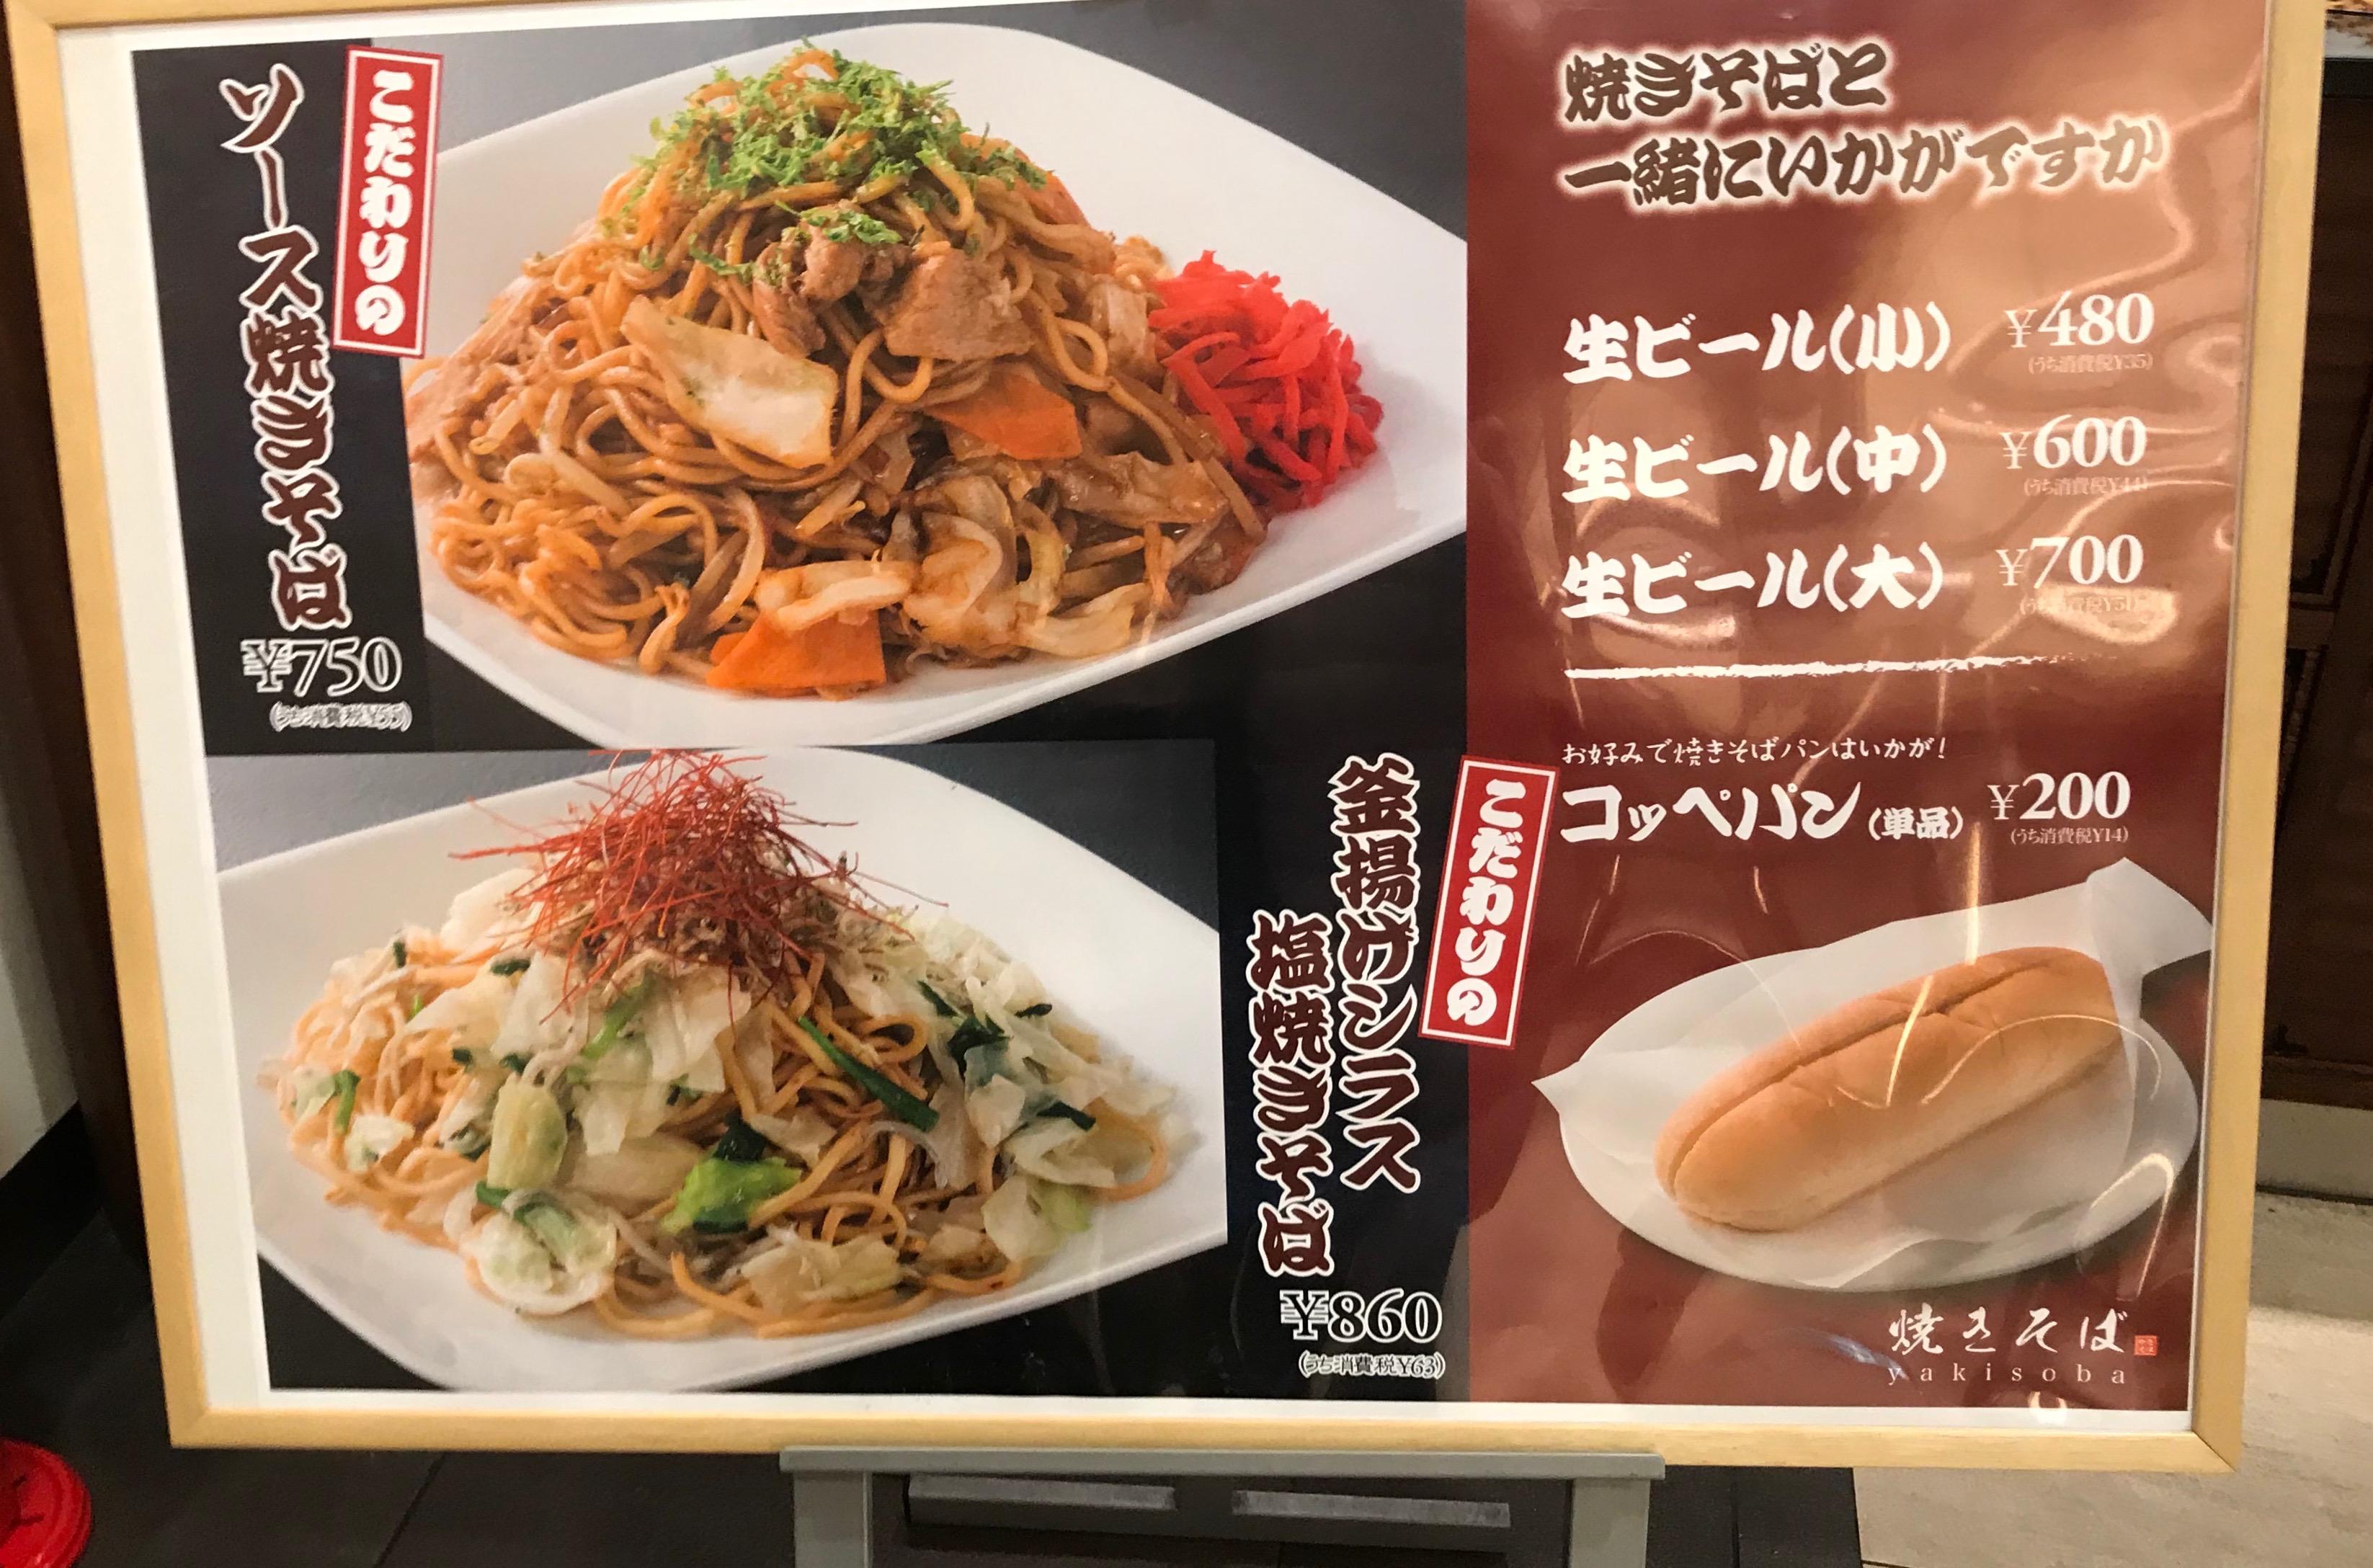 羽田空港フードコートメニュー:東京シェフズキッチン